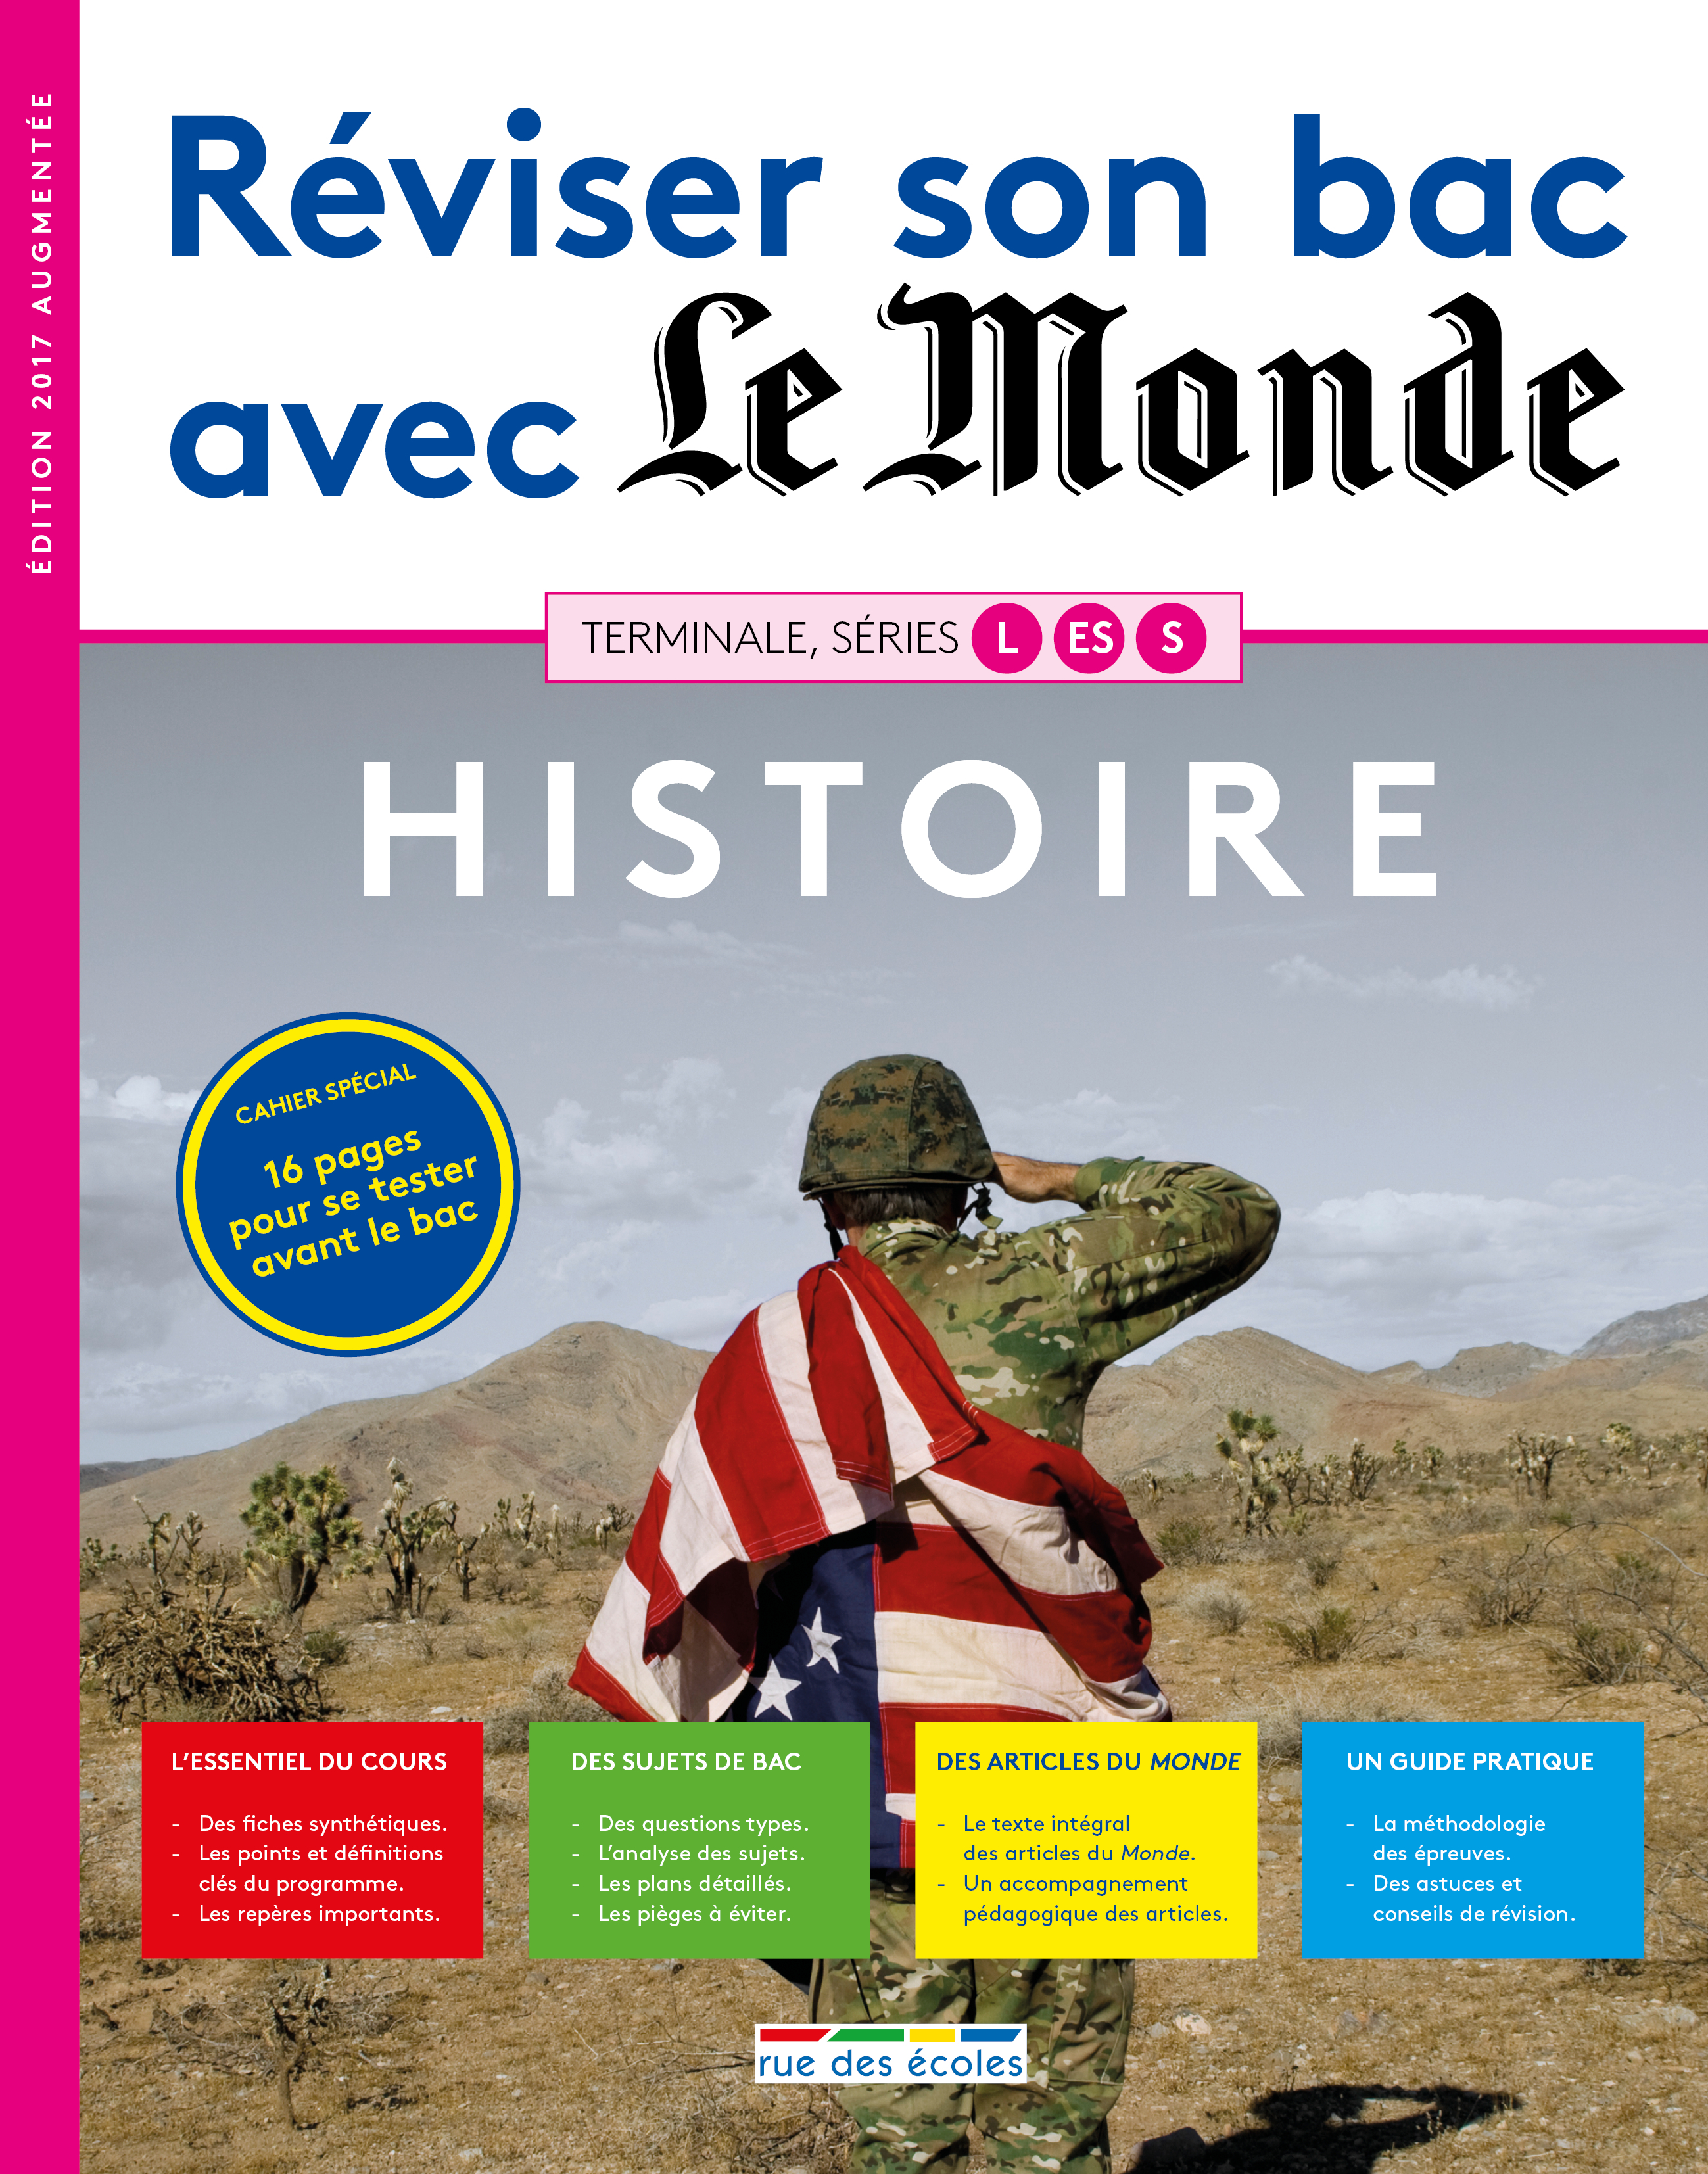 REVISER SON BAC ABEC LE MONDE HISTOIRE TERMINALE L ES S 2017 EDITION AUGMENTEE